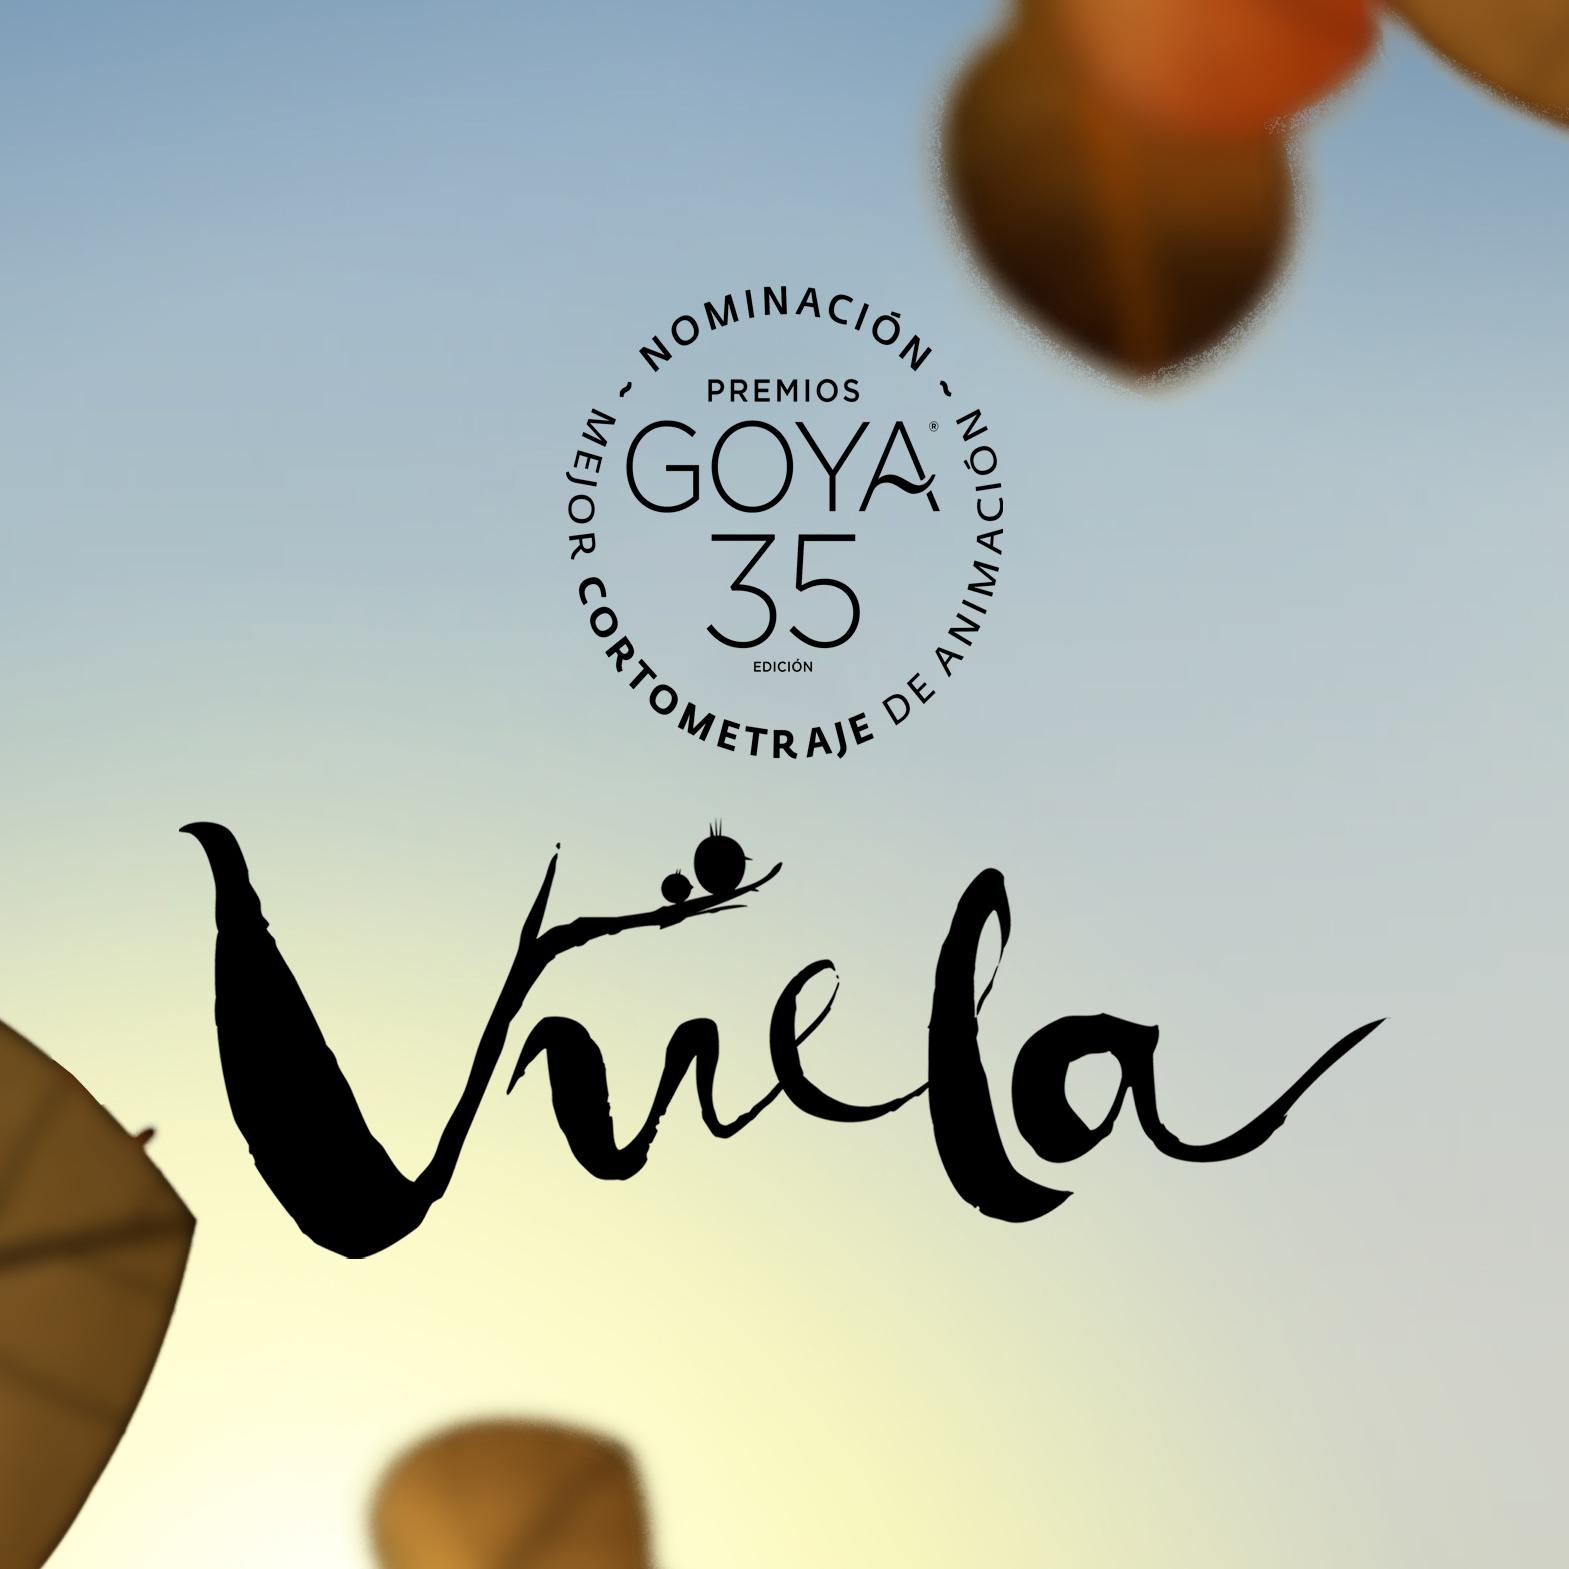 Vuela y logo Goya nominacion